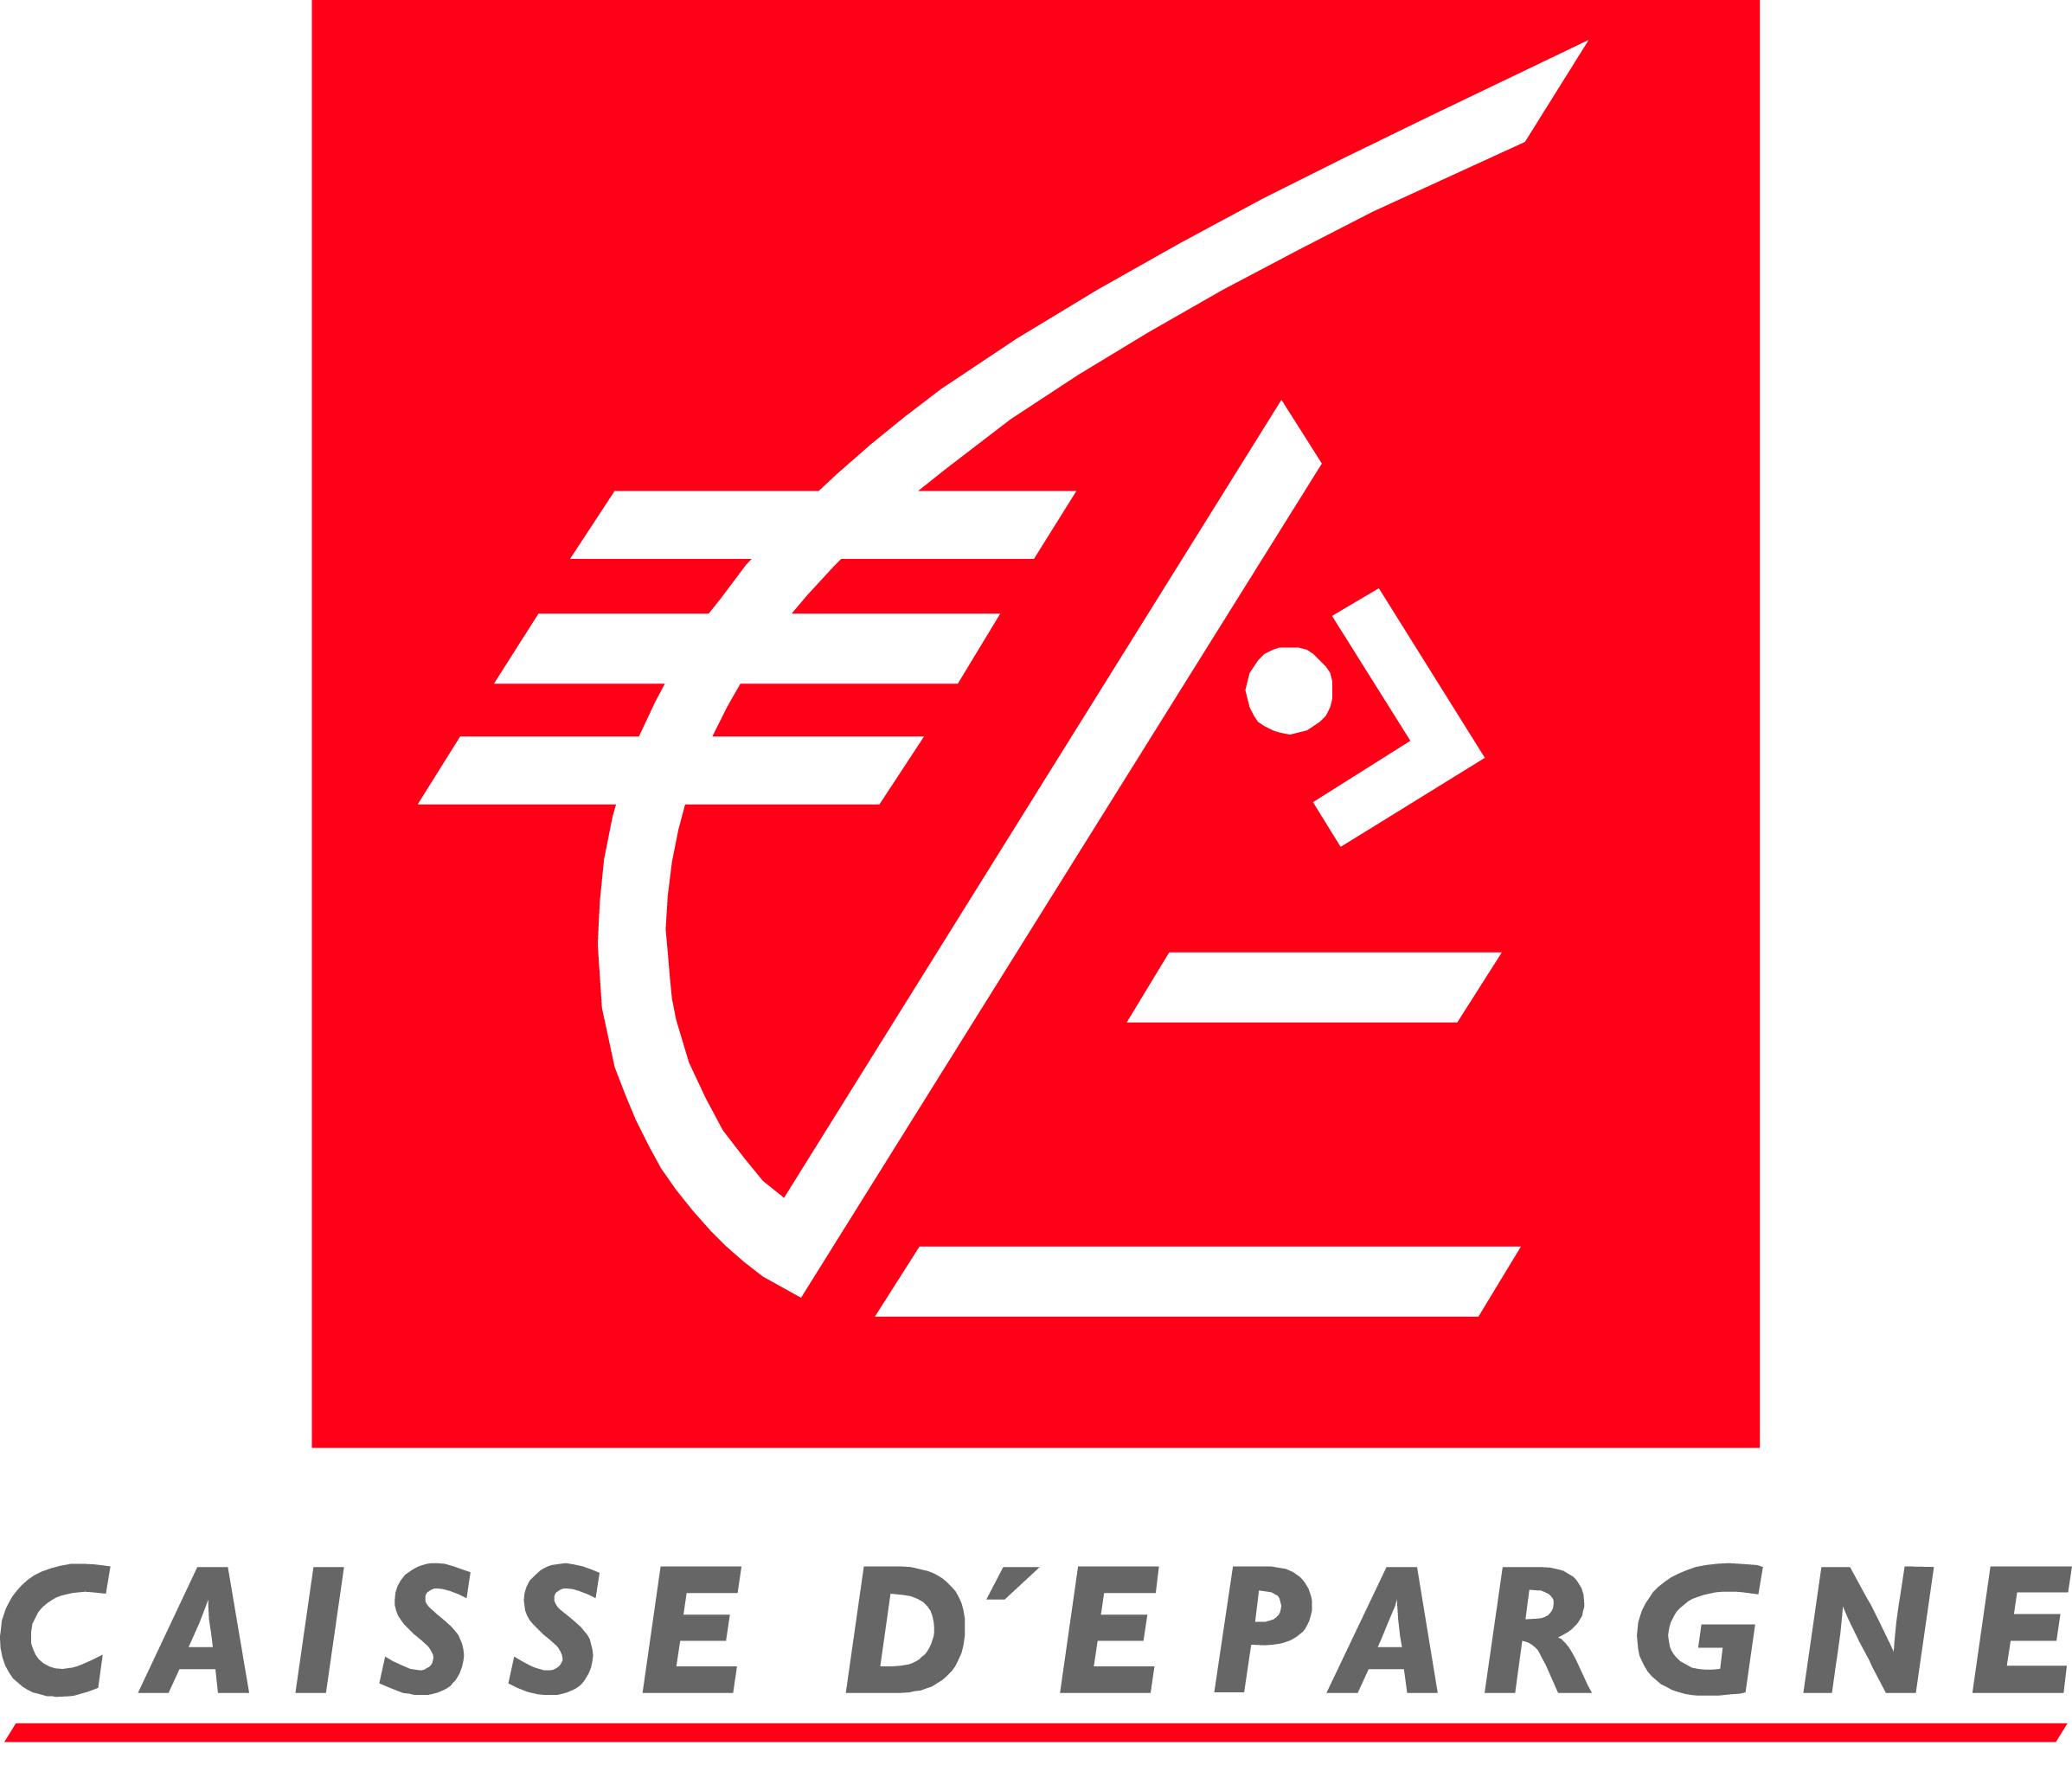 logo Caisse d'Epargne gris cepal